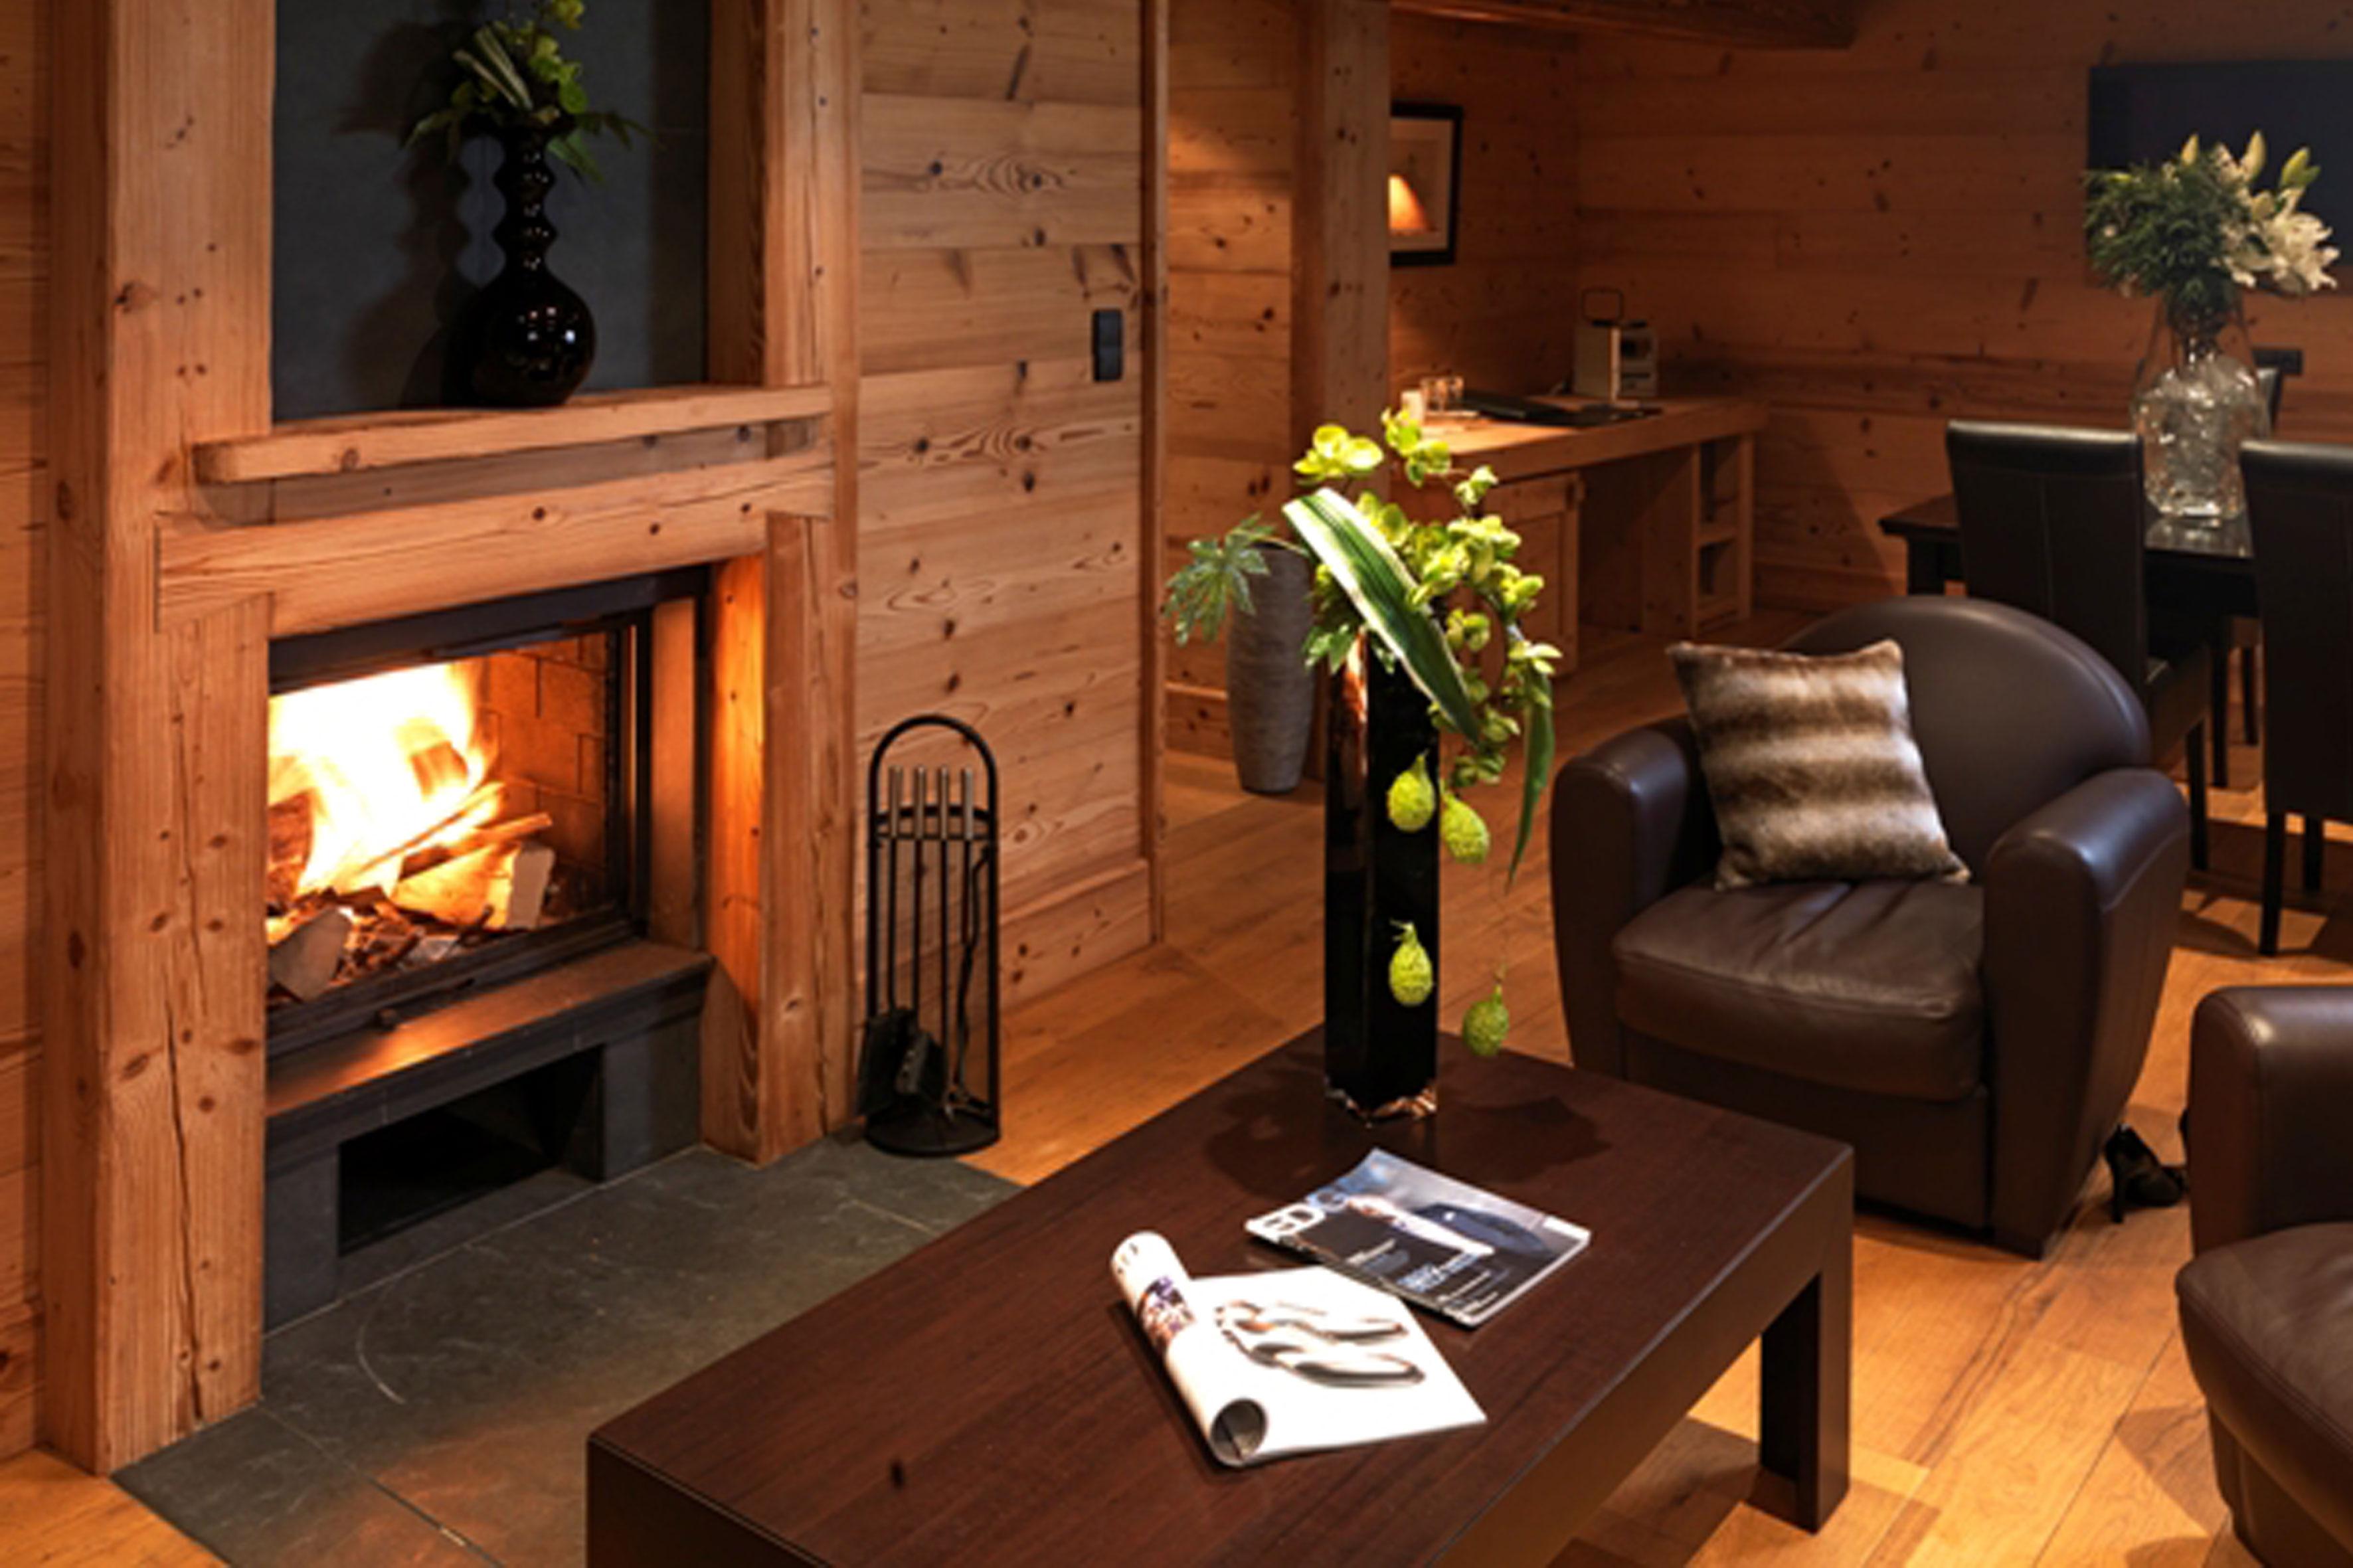 Feu de cheminée devant un espace salon avec table basse et fauteuil en cuir dans une ambiance chalet